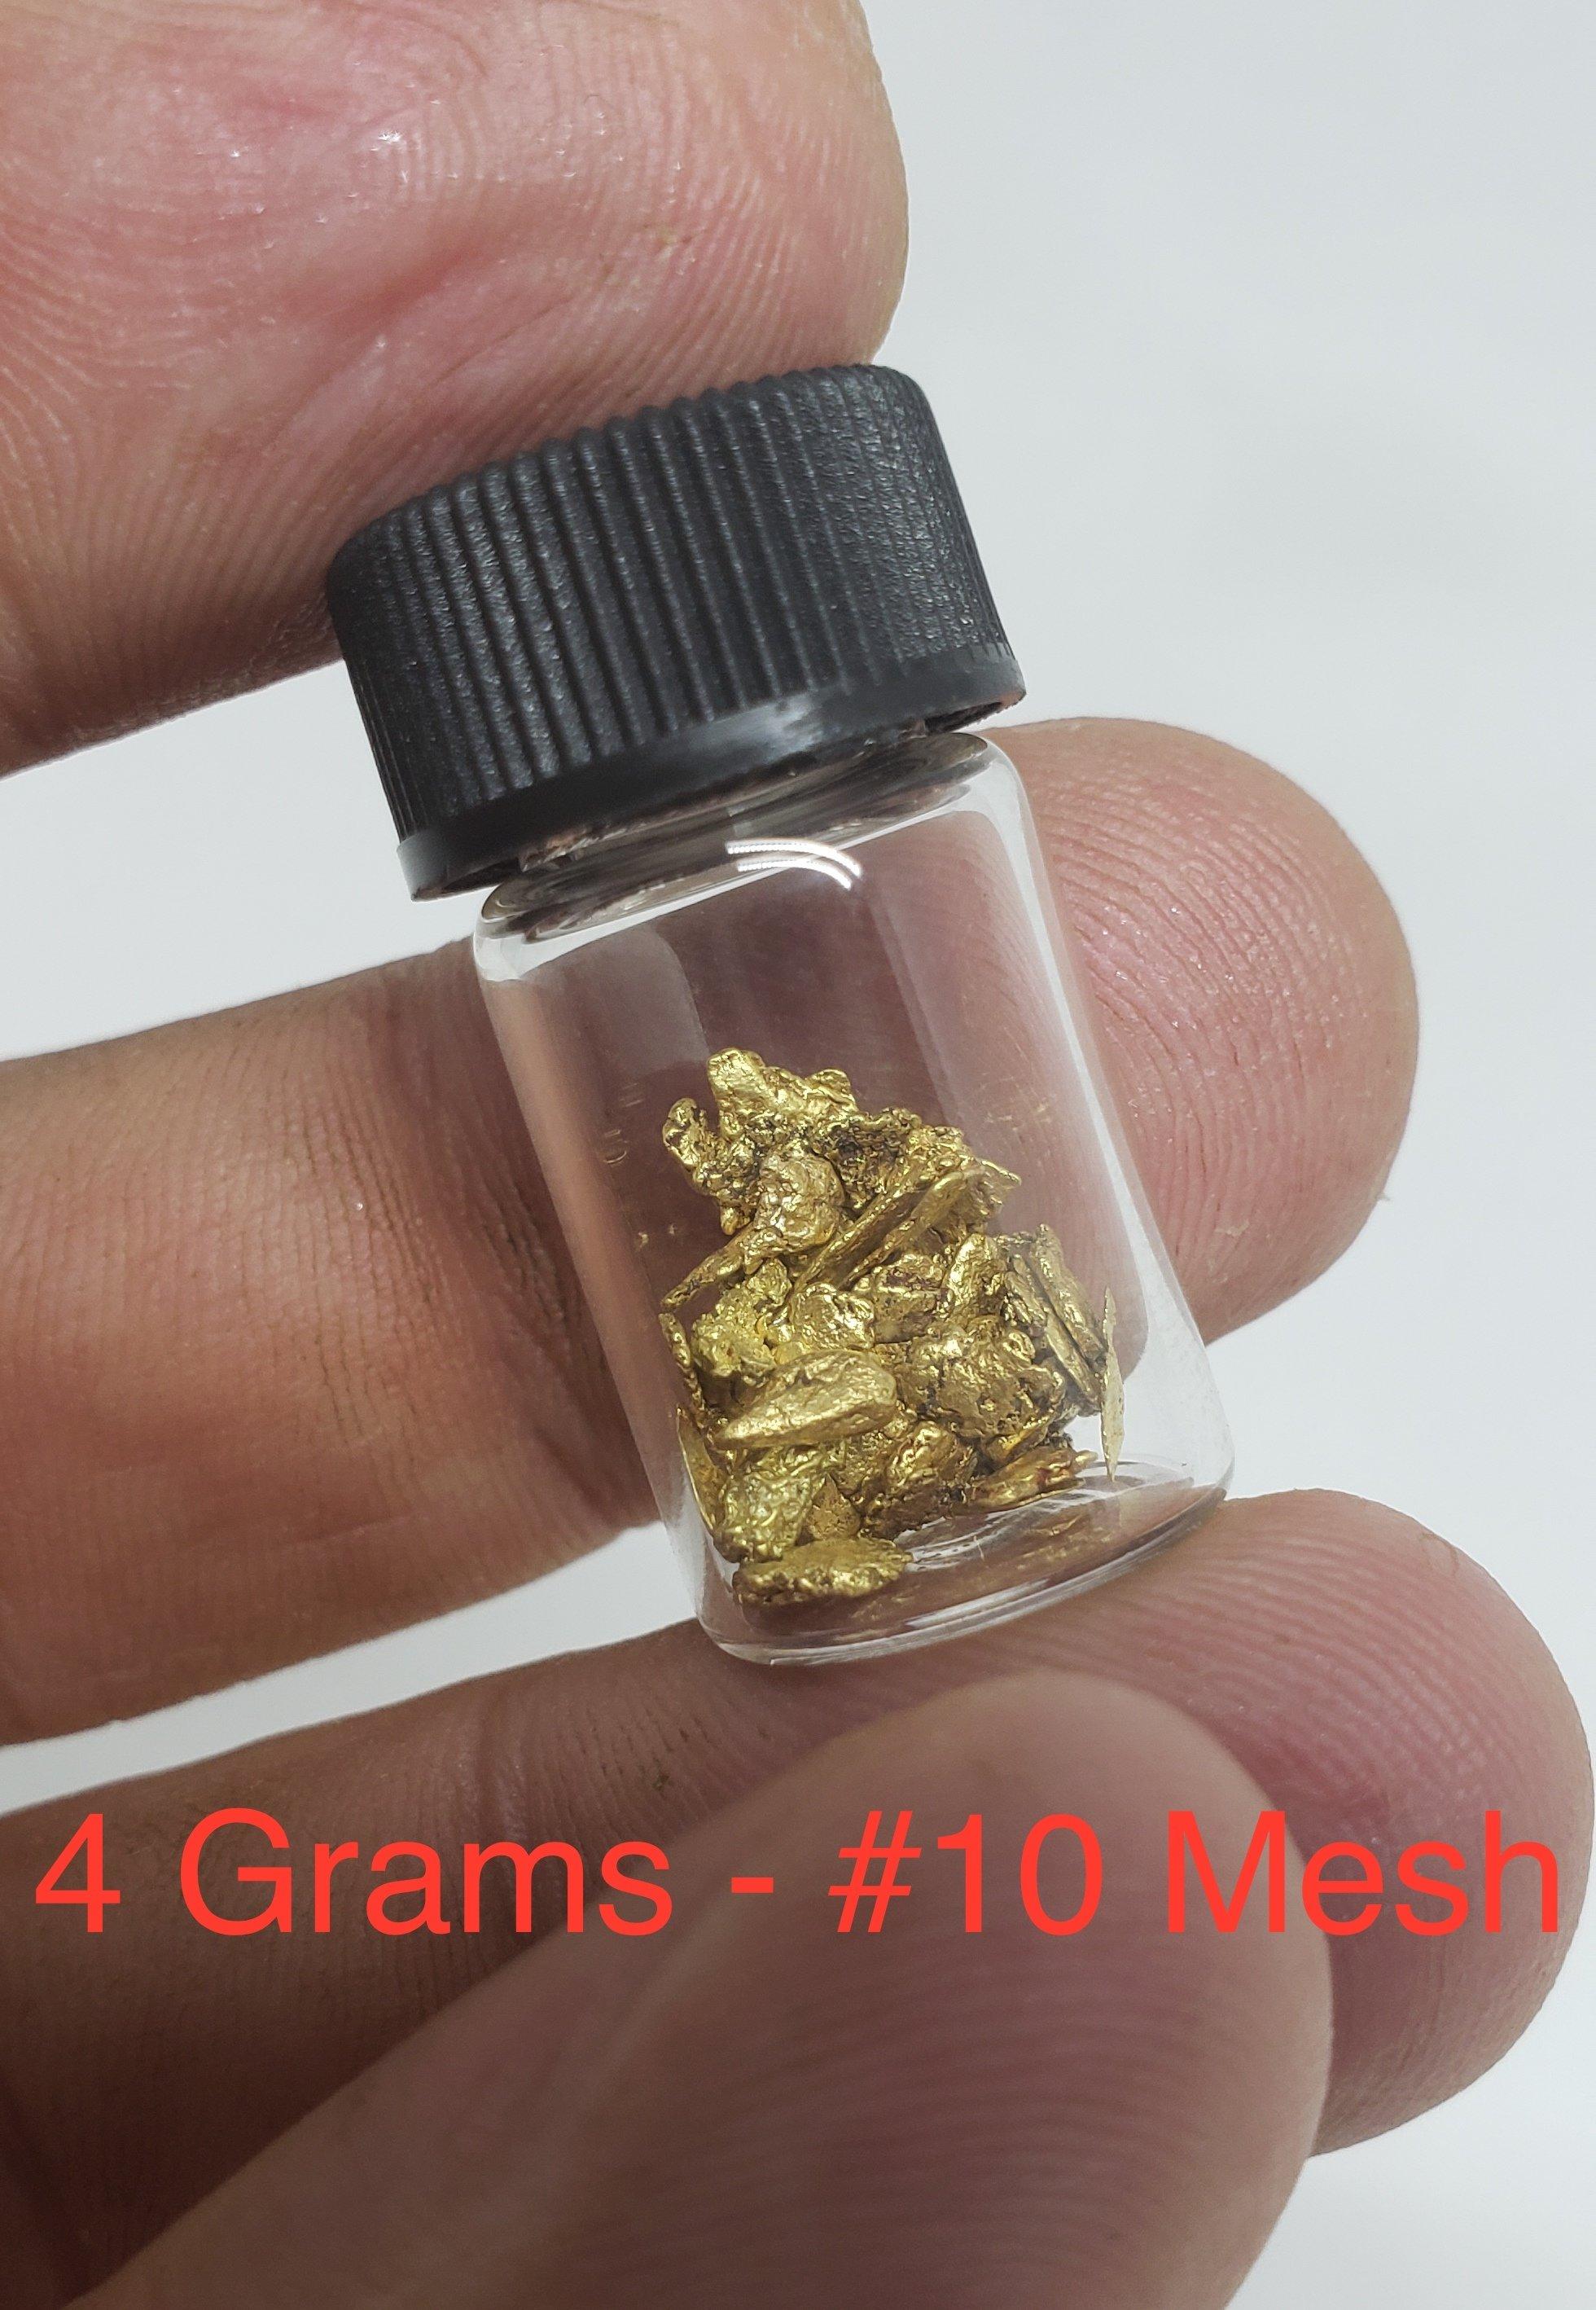 4 grams #10 mesh